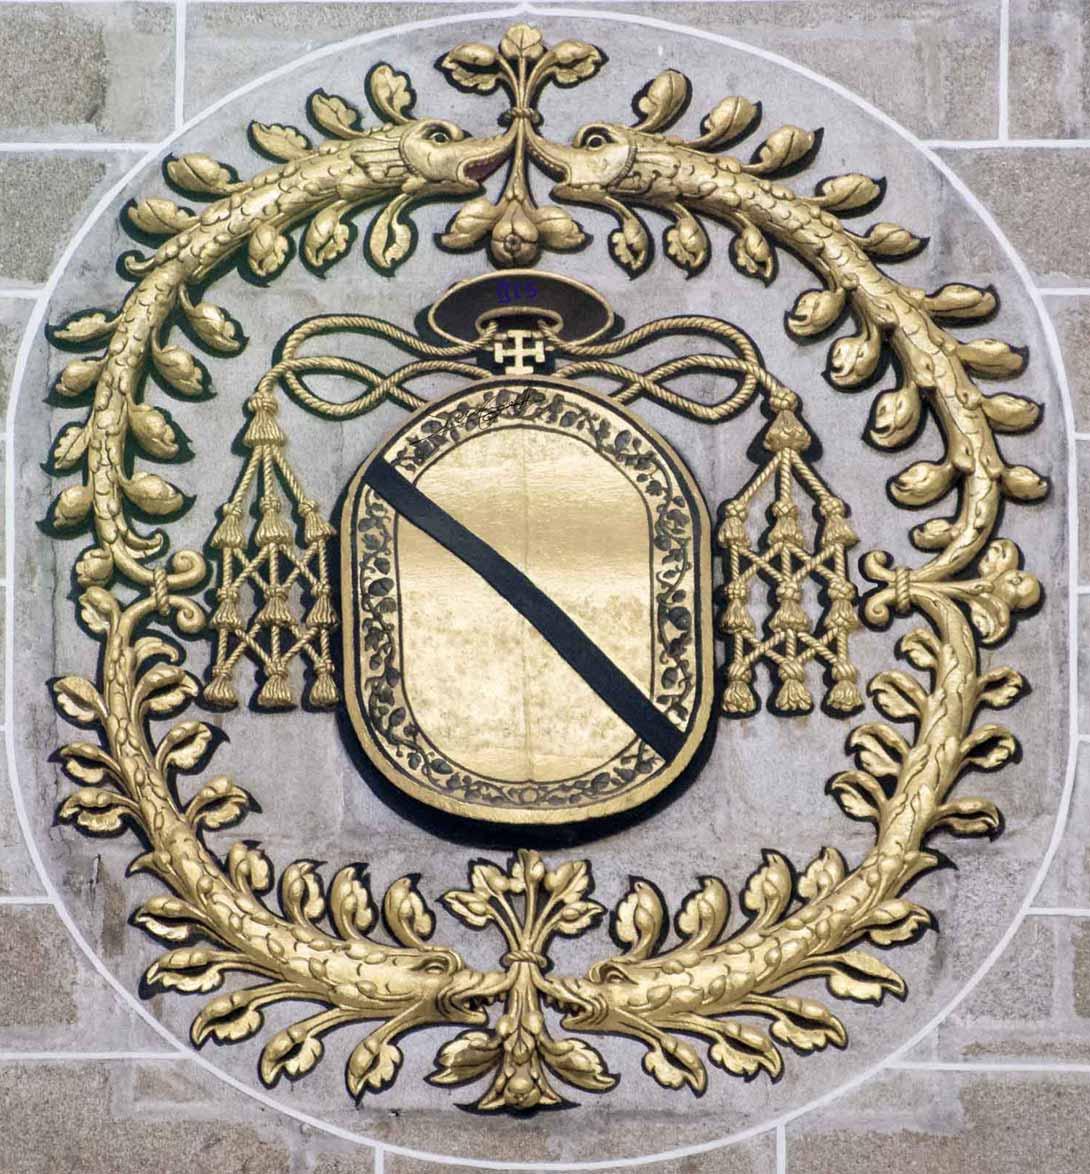 Escudo del Cardenal Bernardino de Carvajal en la derecha de la nave principal